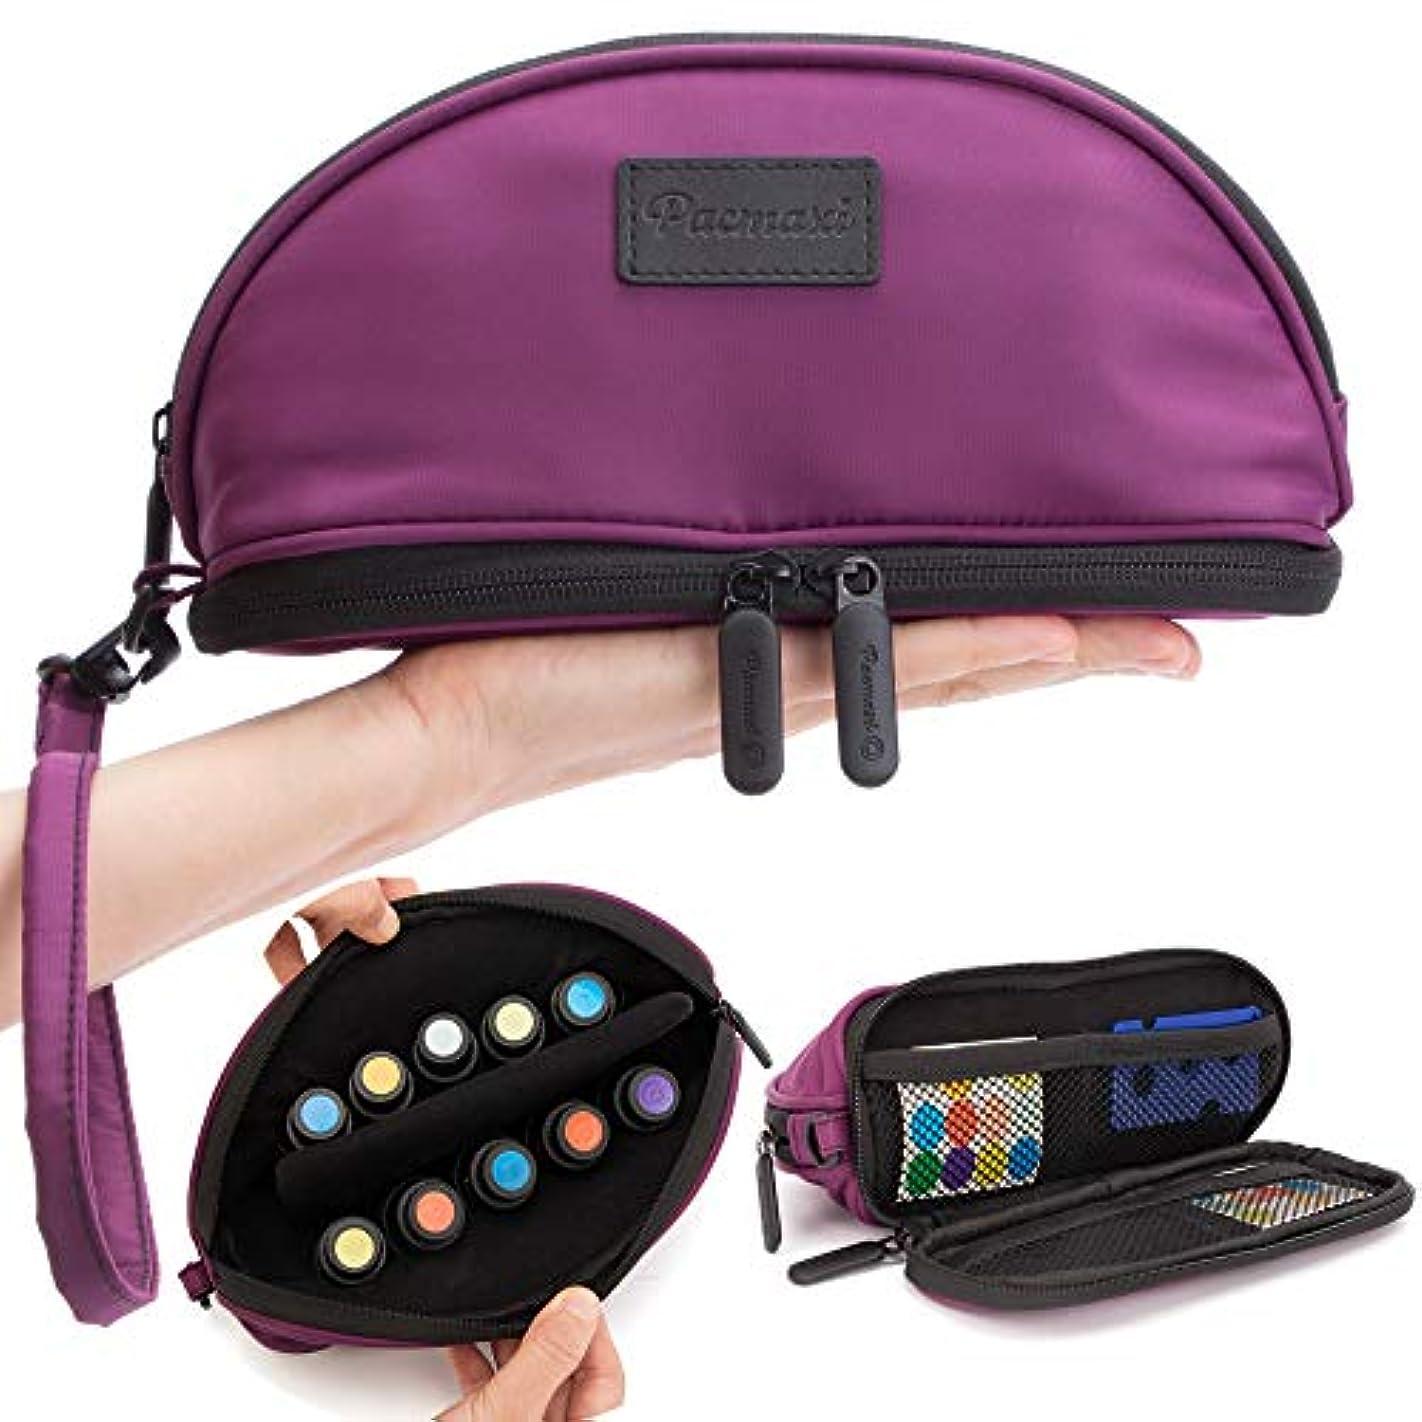 機転激しい引き算[Pacmaxi]エッセンシャルオイル 収納ポーチ 携帯便利 旅行 10本収納(5ml - 15ml) ナイロン製 撥水加工 ストラップあり (パープル)